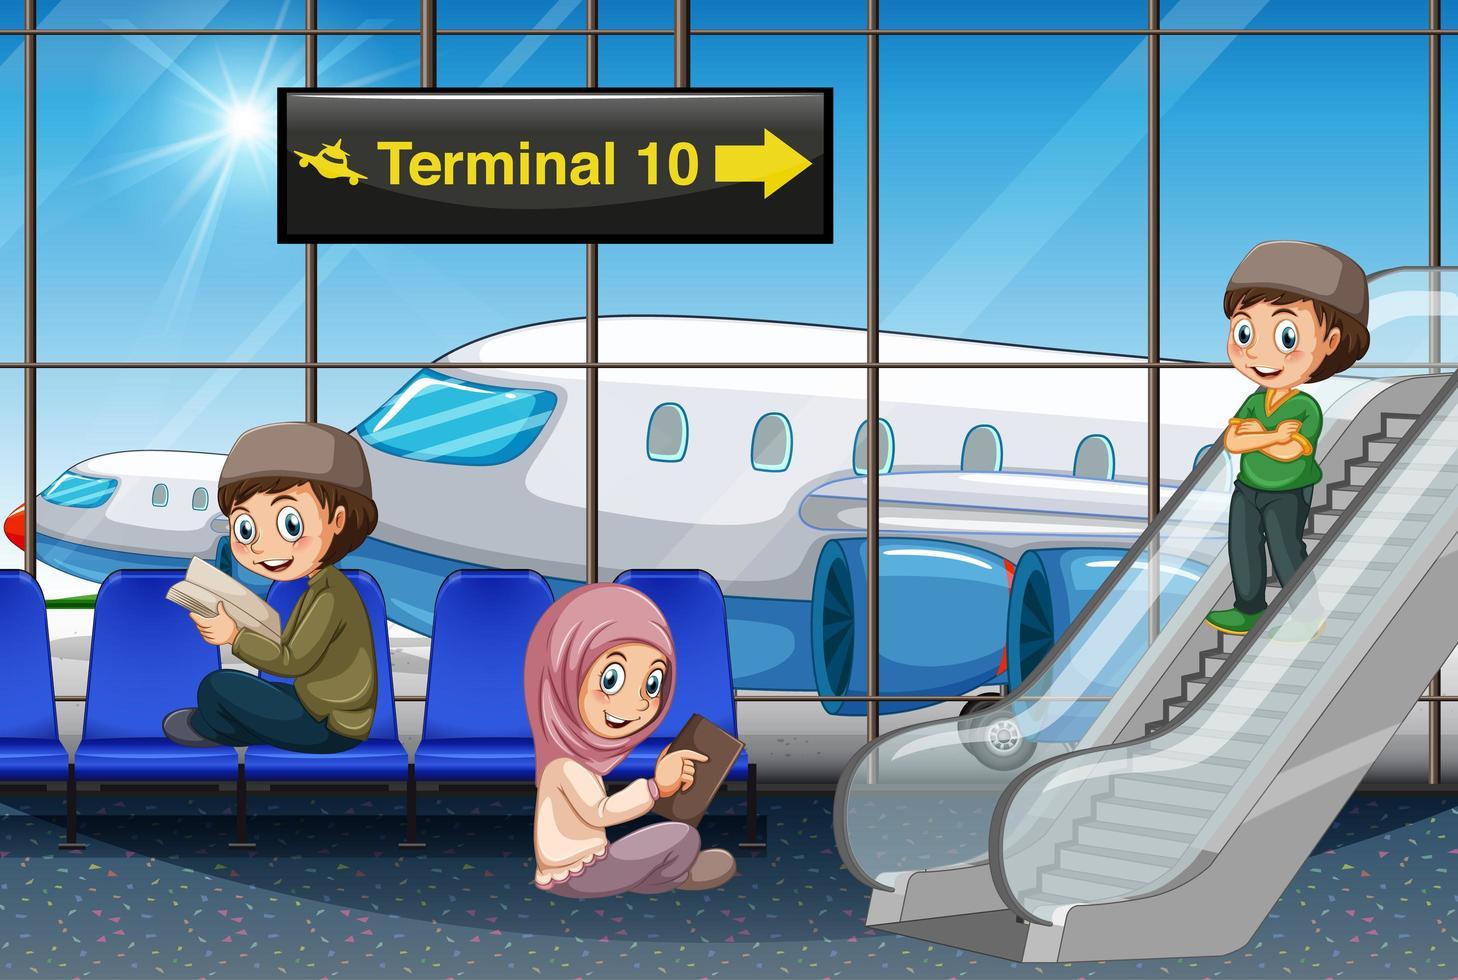 passager musulman à l'aéroport vecteur